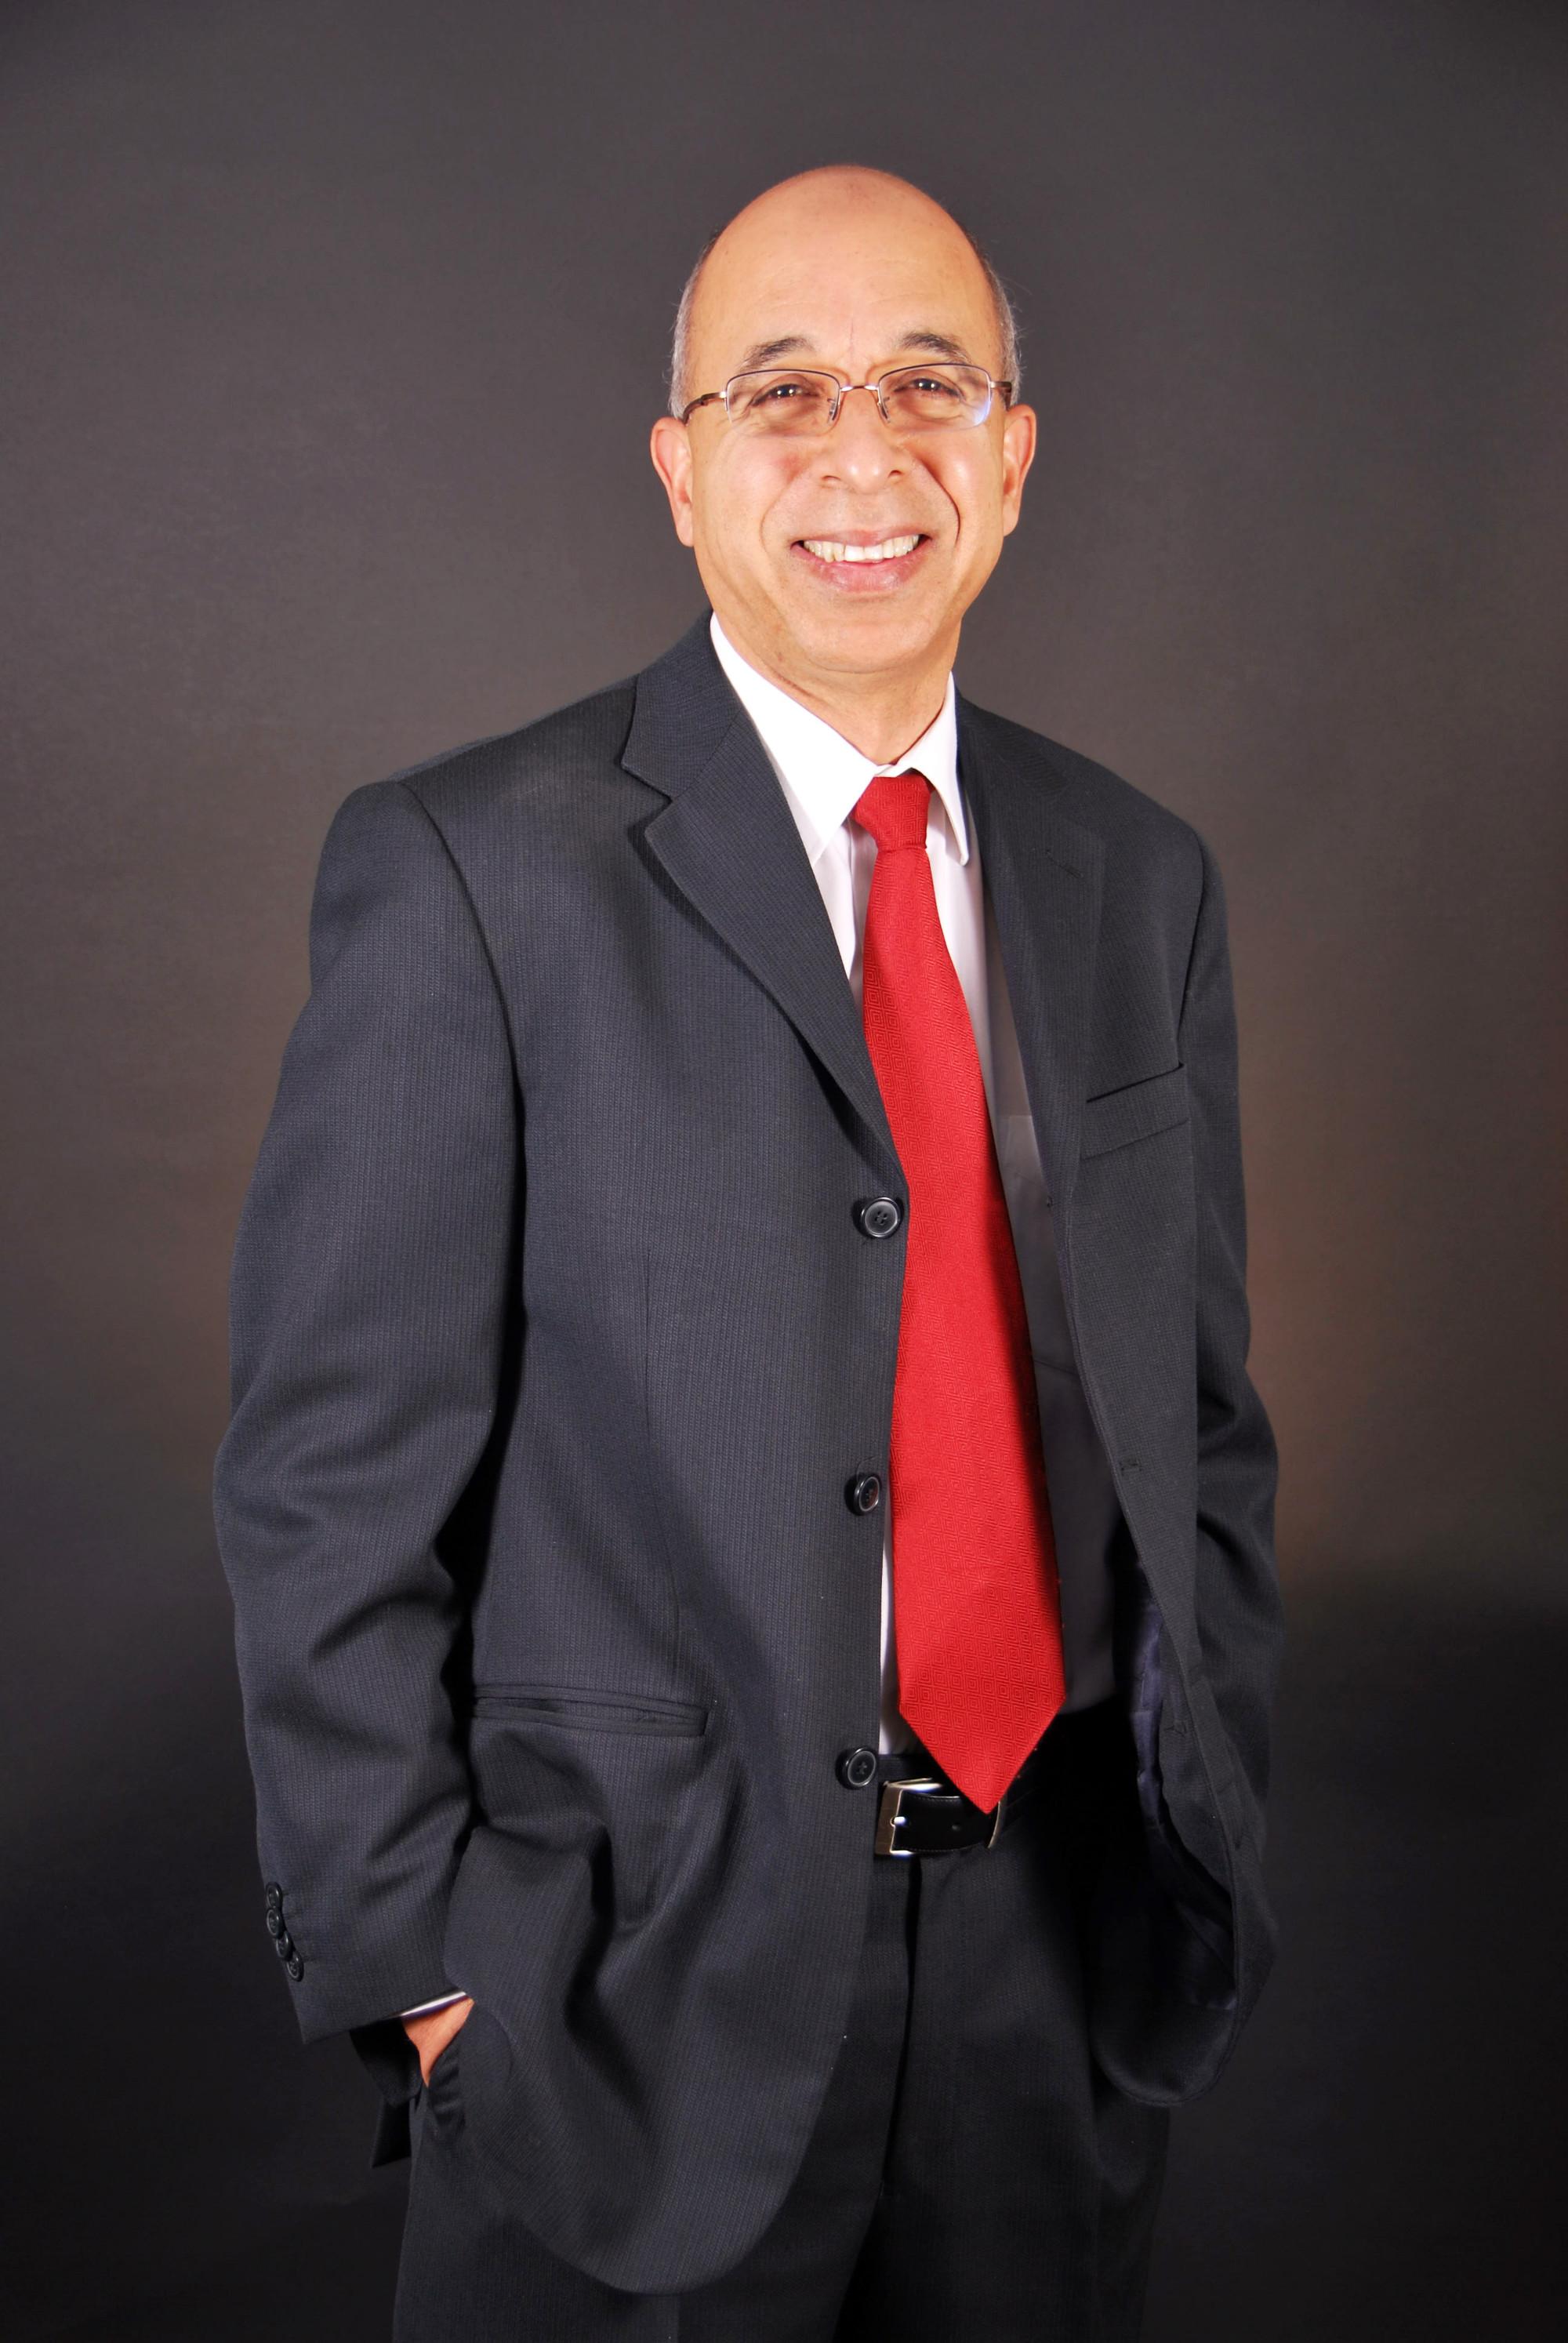 Marco Barrios